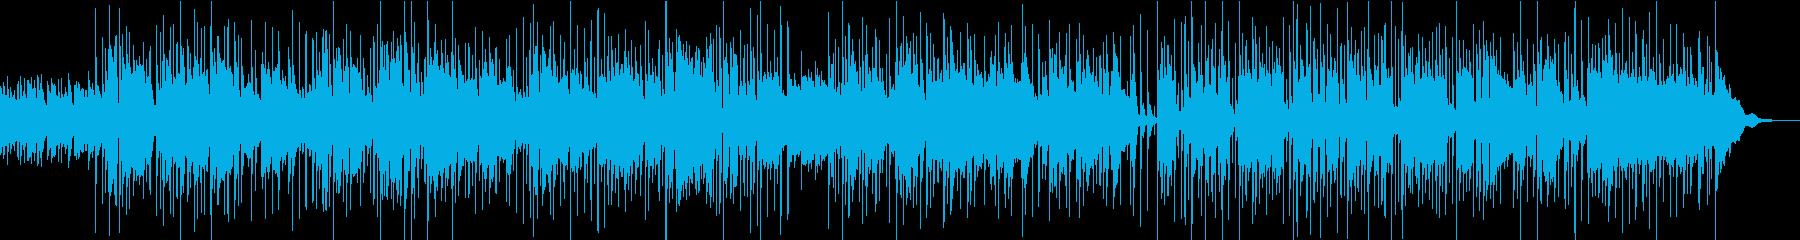 英詞、70sUK風12弦アコギの緩サイケの再生済みの波形